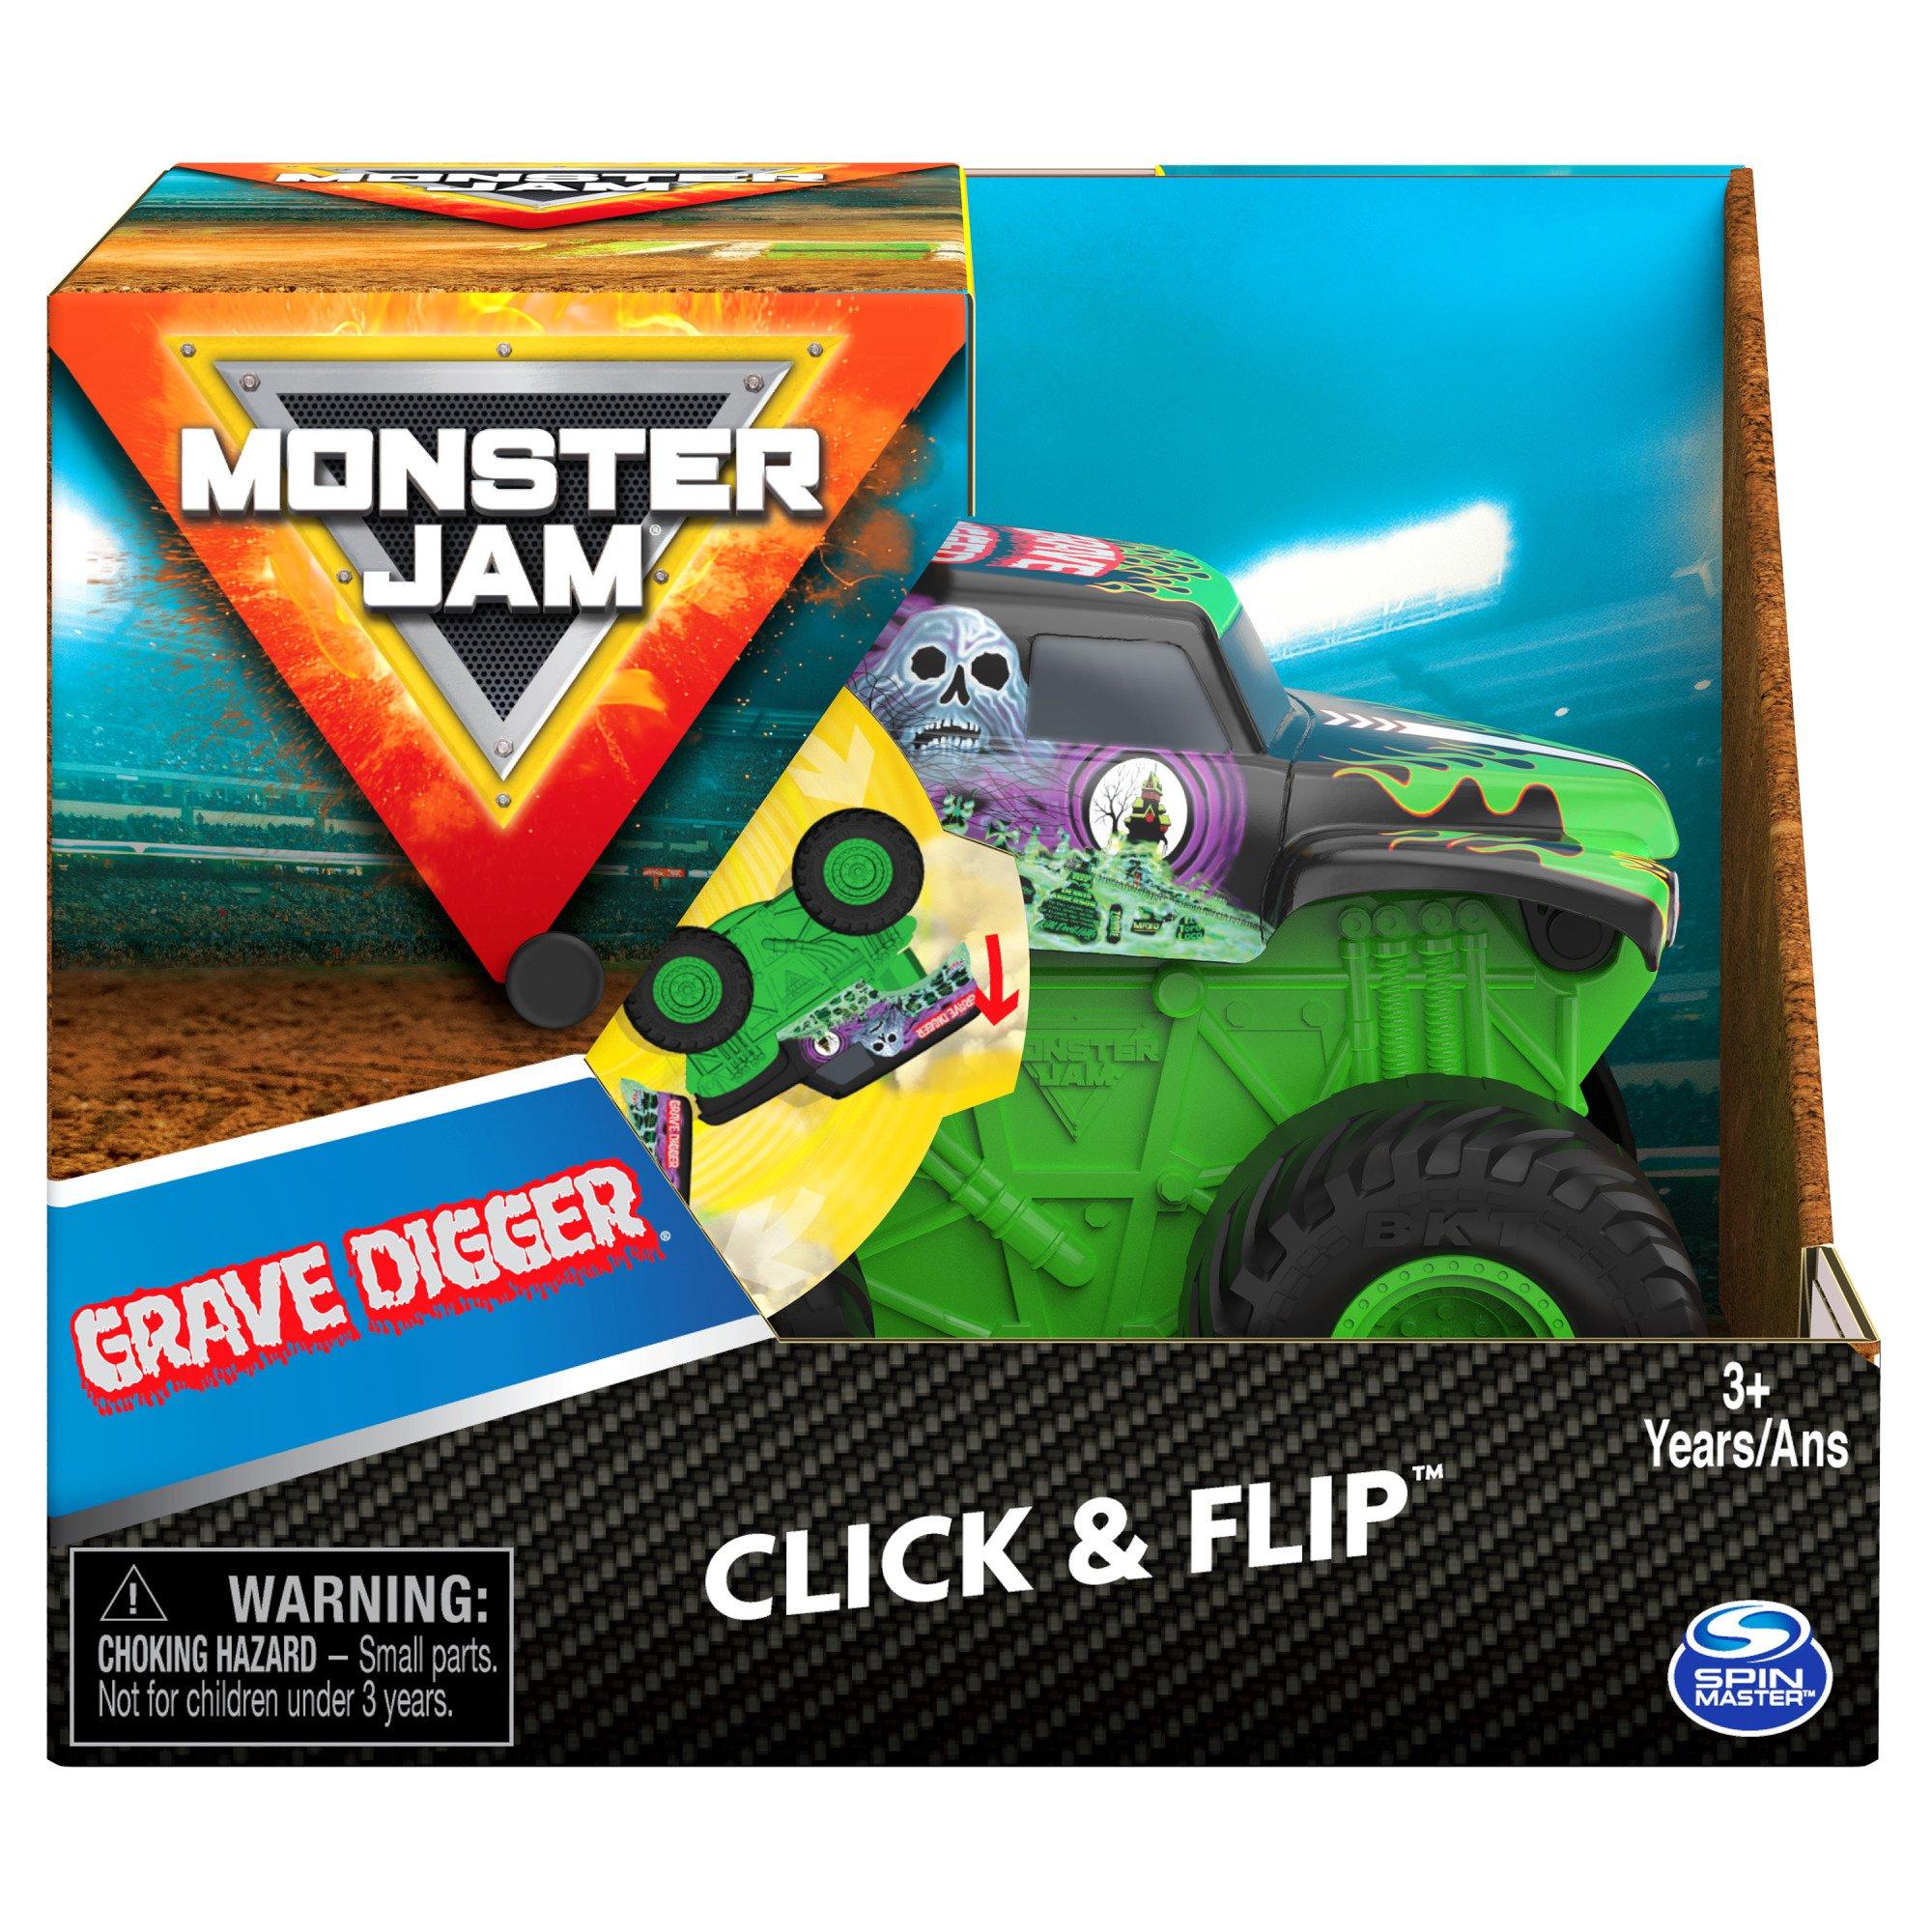 Monster Jam - Click & Flip 1:43 - Grav Digger